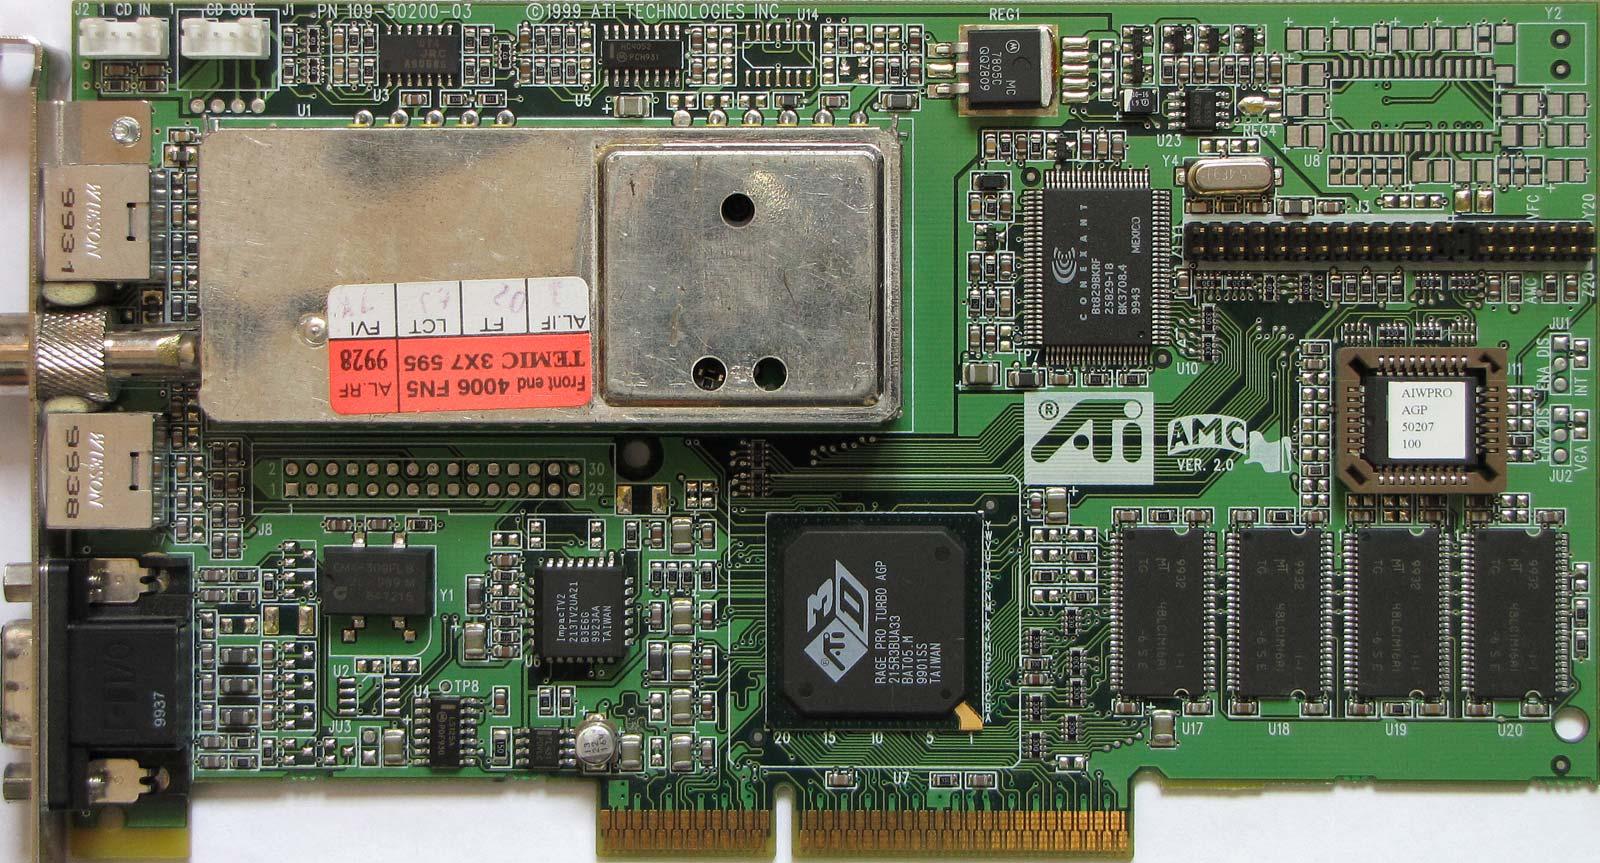 ATI TECHNOLOGIES INC. 3D RAGE IIC PCI DRIVER